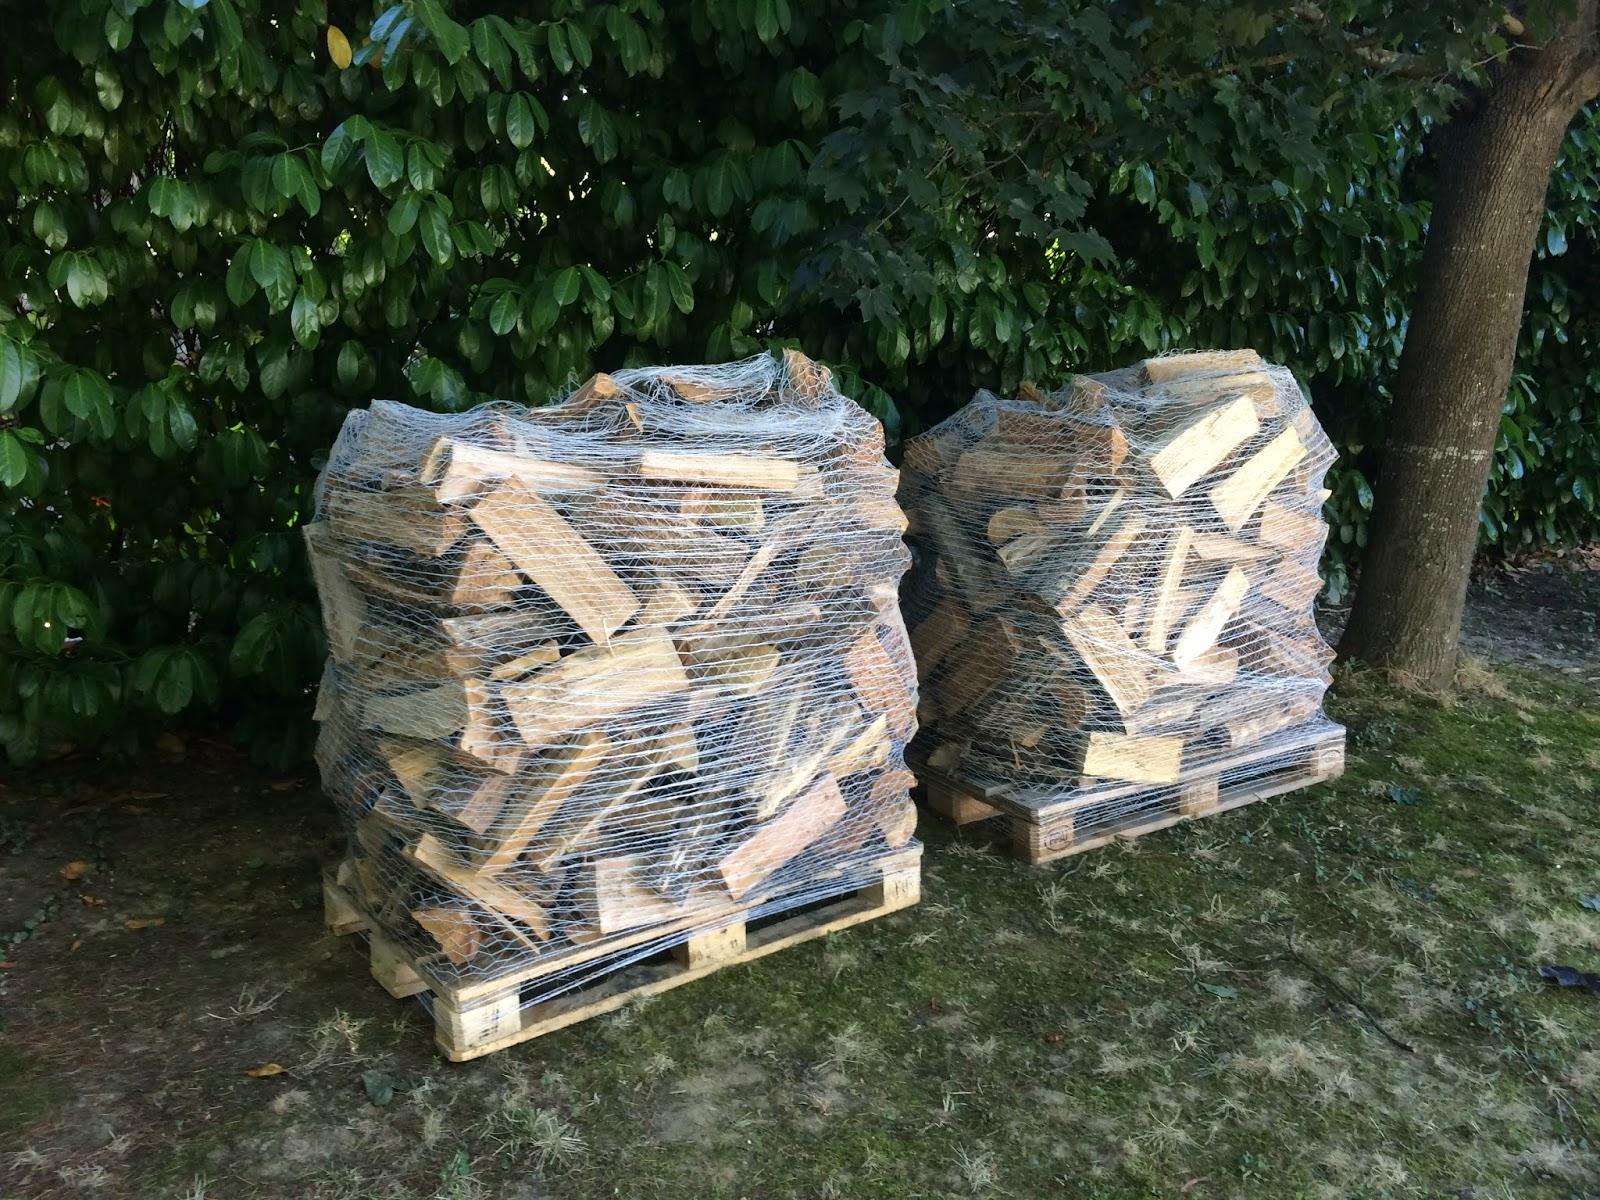 Bois de chauffage is re vente de bois de chauffage en - Poids stere de bois ...